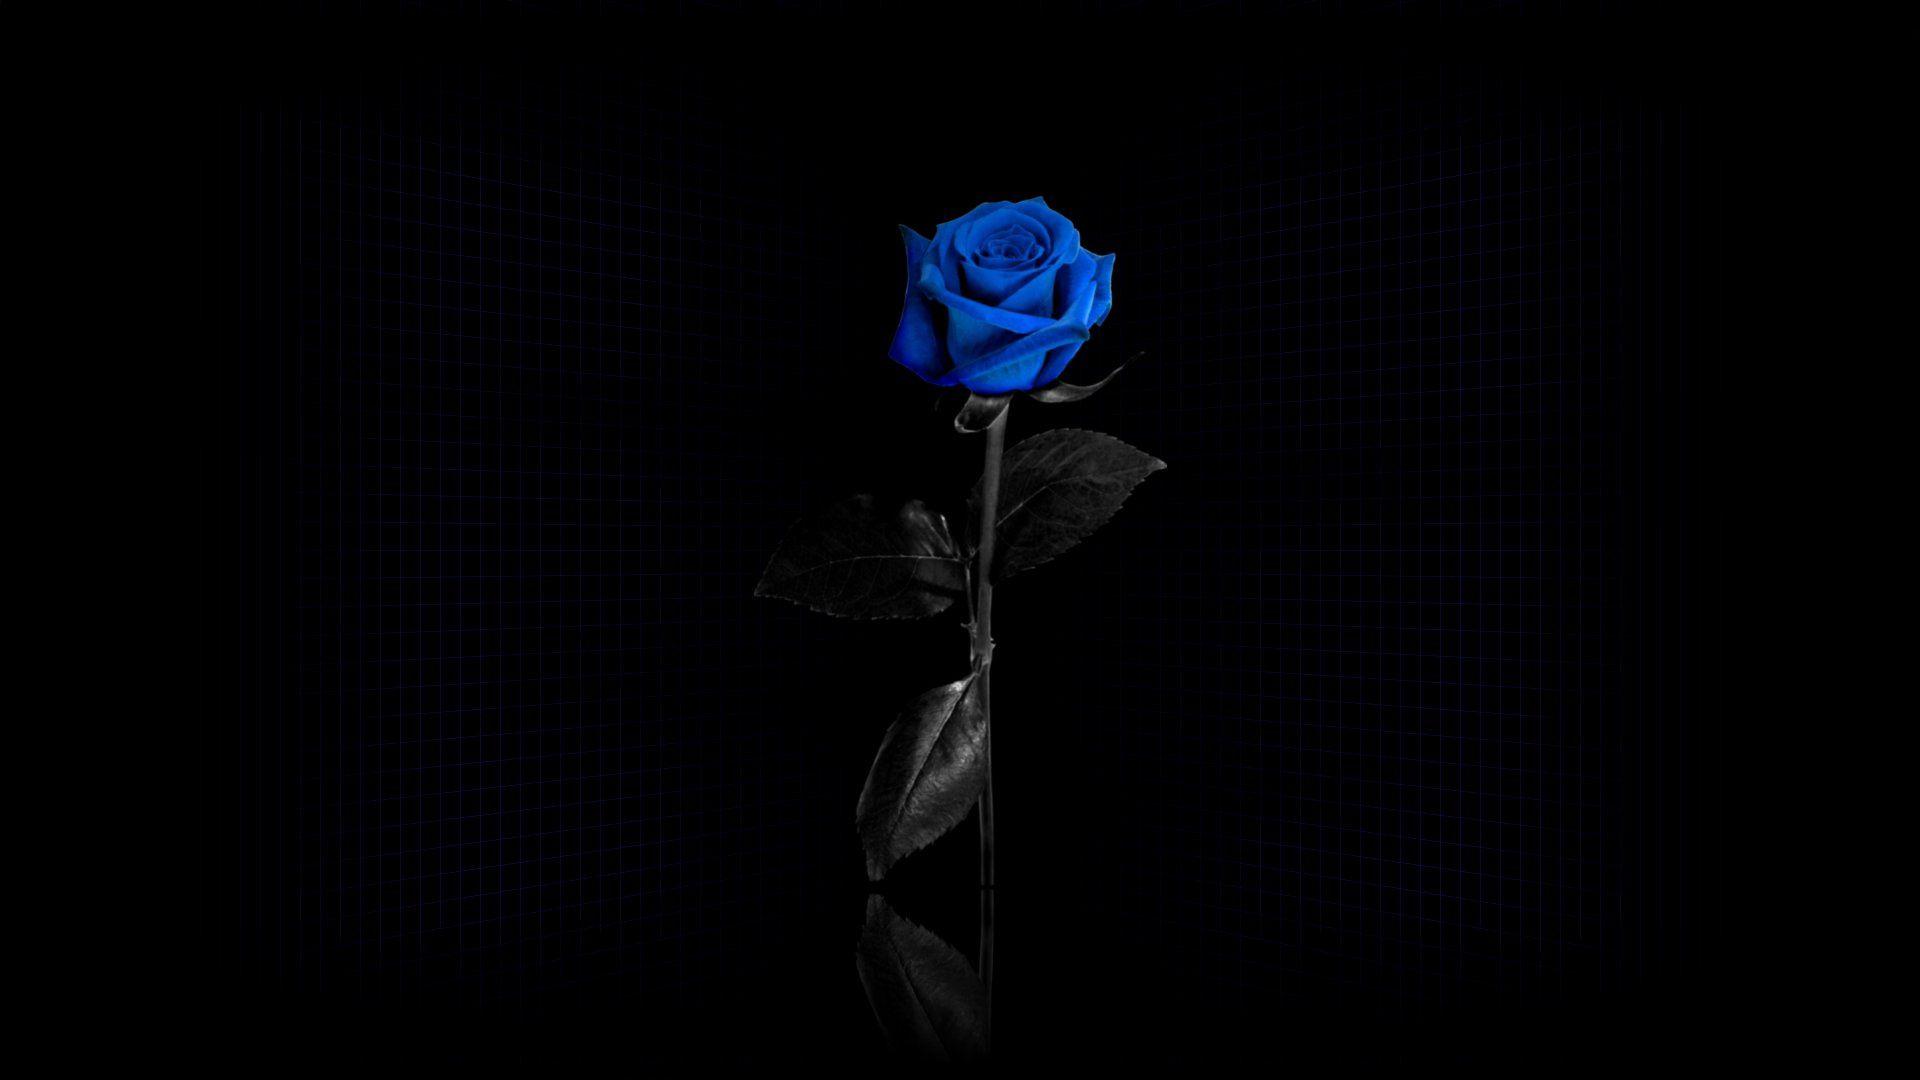 118184 скачать обои Темные, Роза, Цветок, Синяя, Сетка, Отражение - заставки и картинки бесплатно